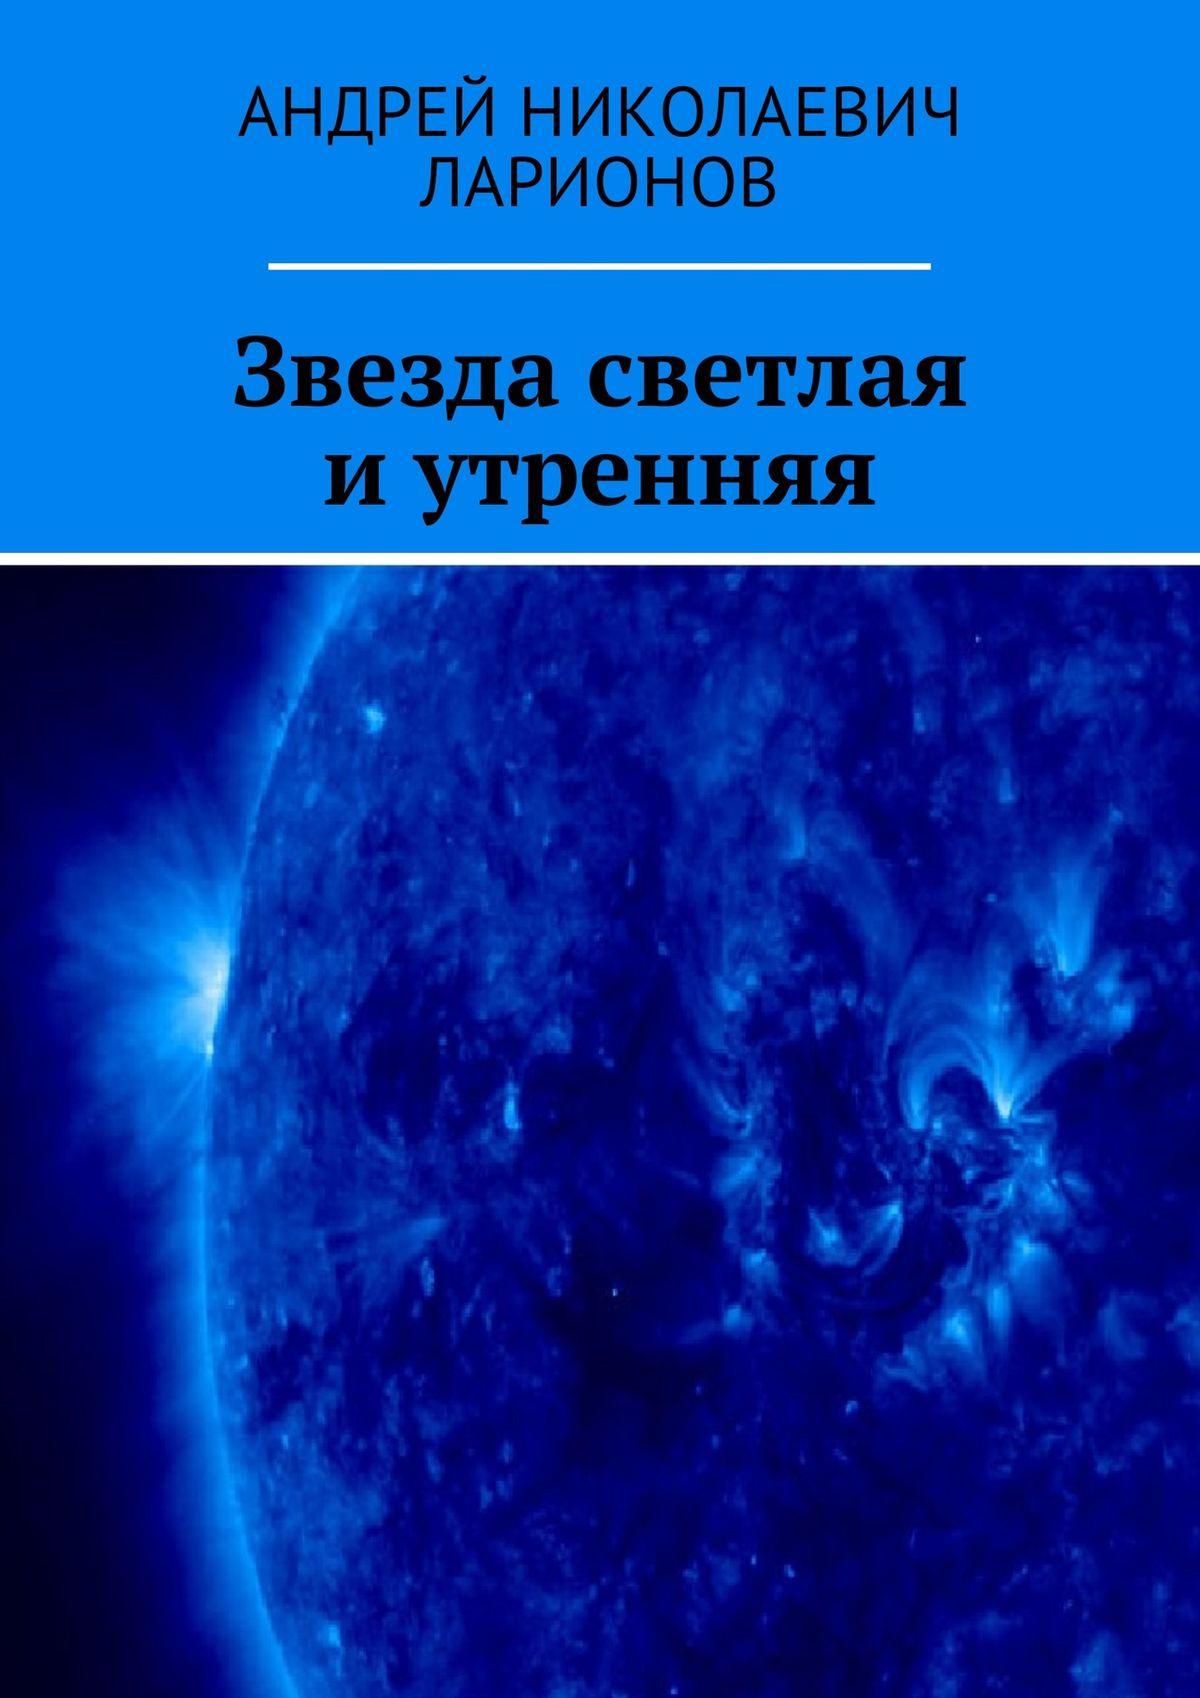 Андрей Николаевич Ларионов Звезда светлая иутренняя андрей николаевич ларионов звезда светлая и утренняя возращение андрая